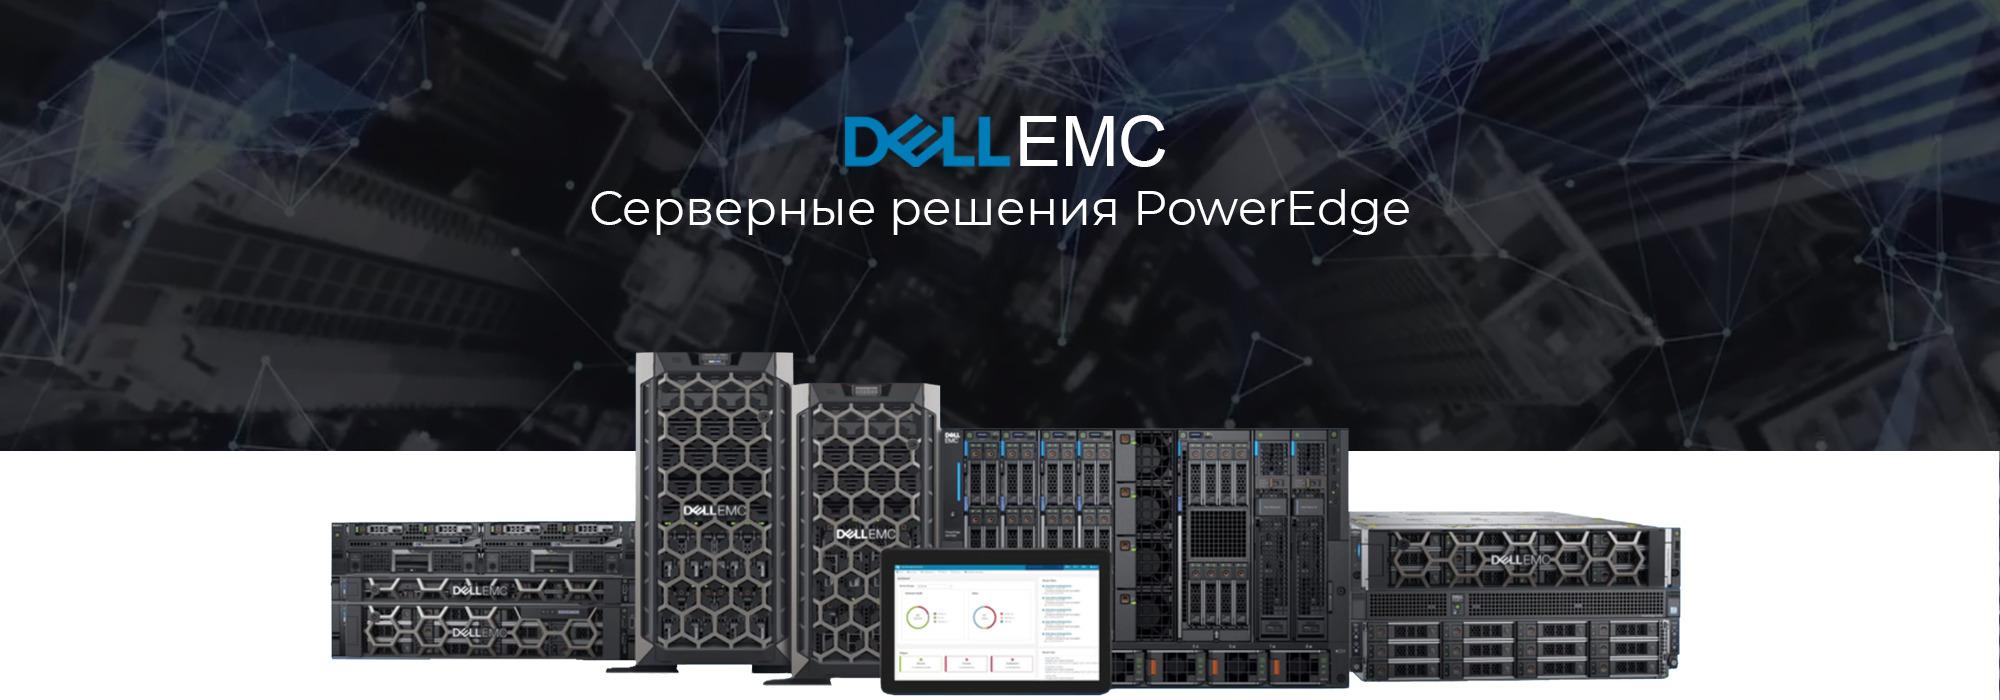 Серверные-решения-DELL-EMC-PowerEdge